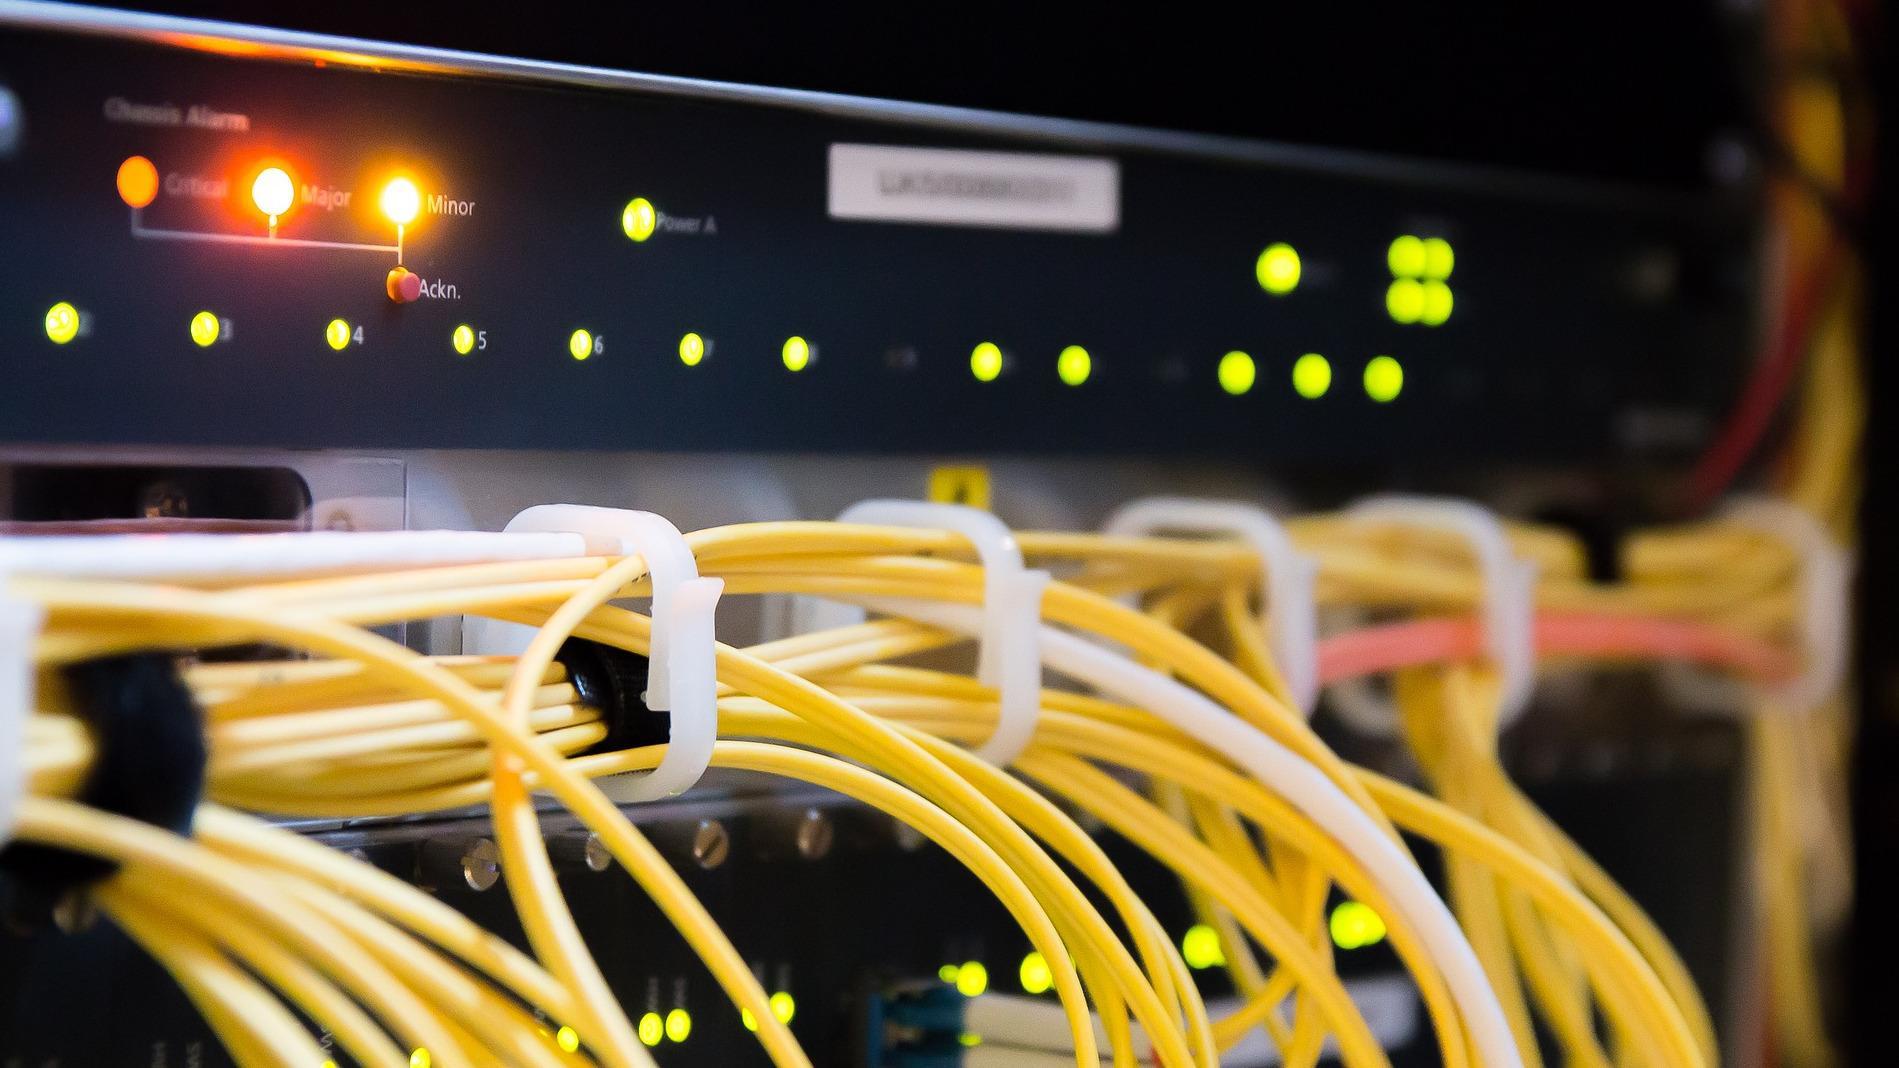 Wenn bei ihnen der Fehler HTTP 501 auftritt, liegt dies meistens am Server. In dem Falle sollten Sie, wenn möglich, den Betreiber der Webseite kontaktieren.